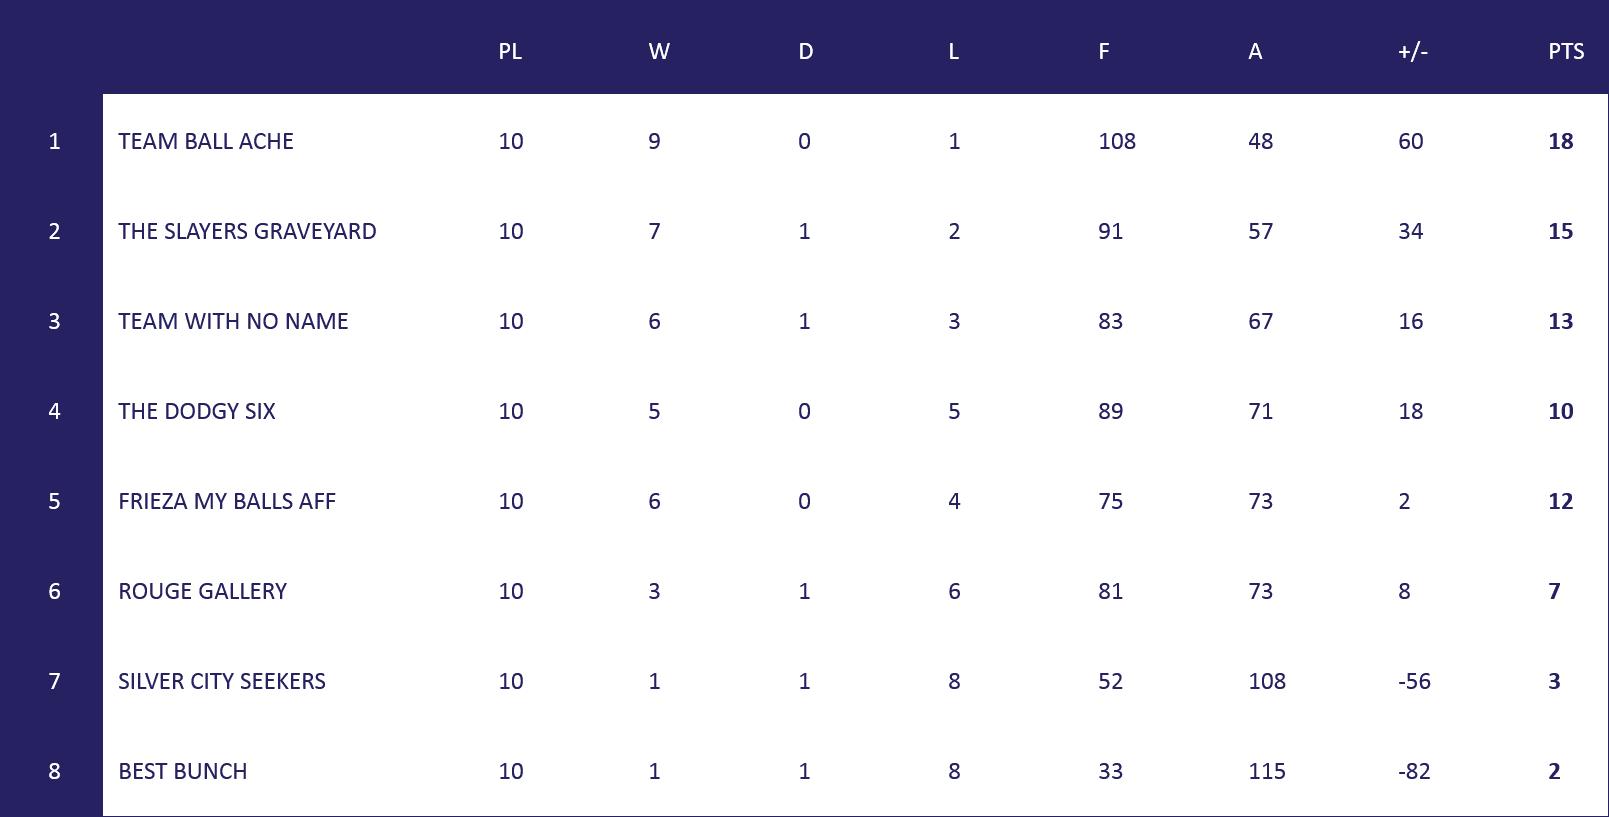 Ab League Table